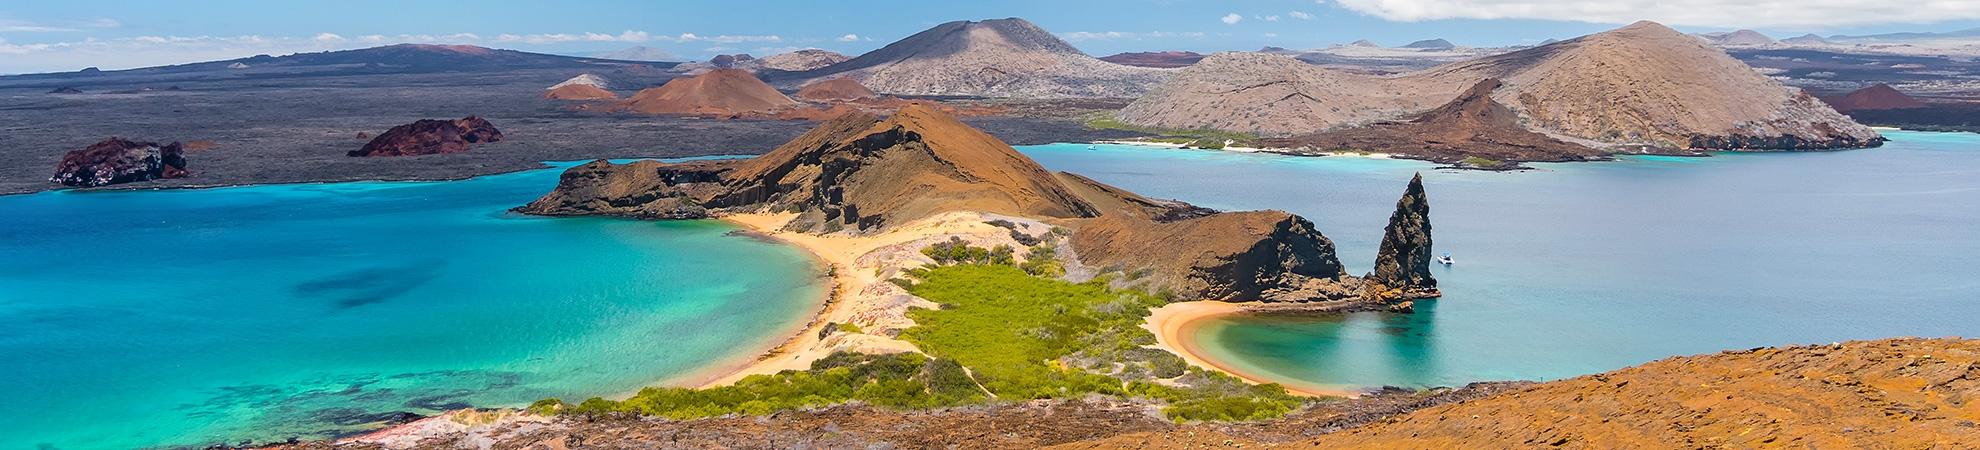 Voyage Îles Galapagos